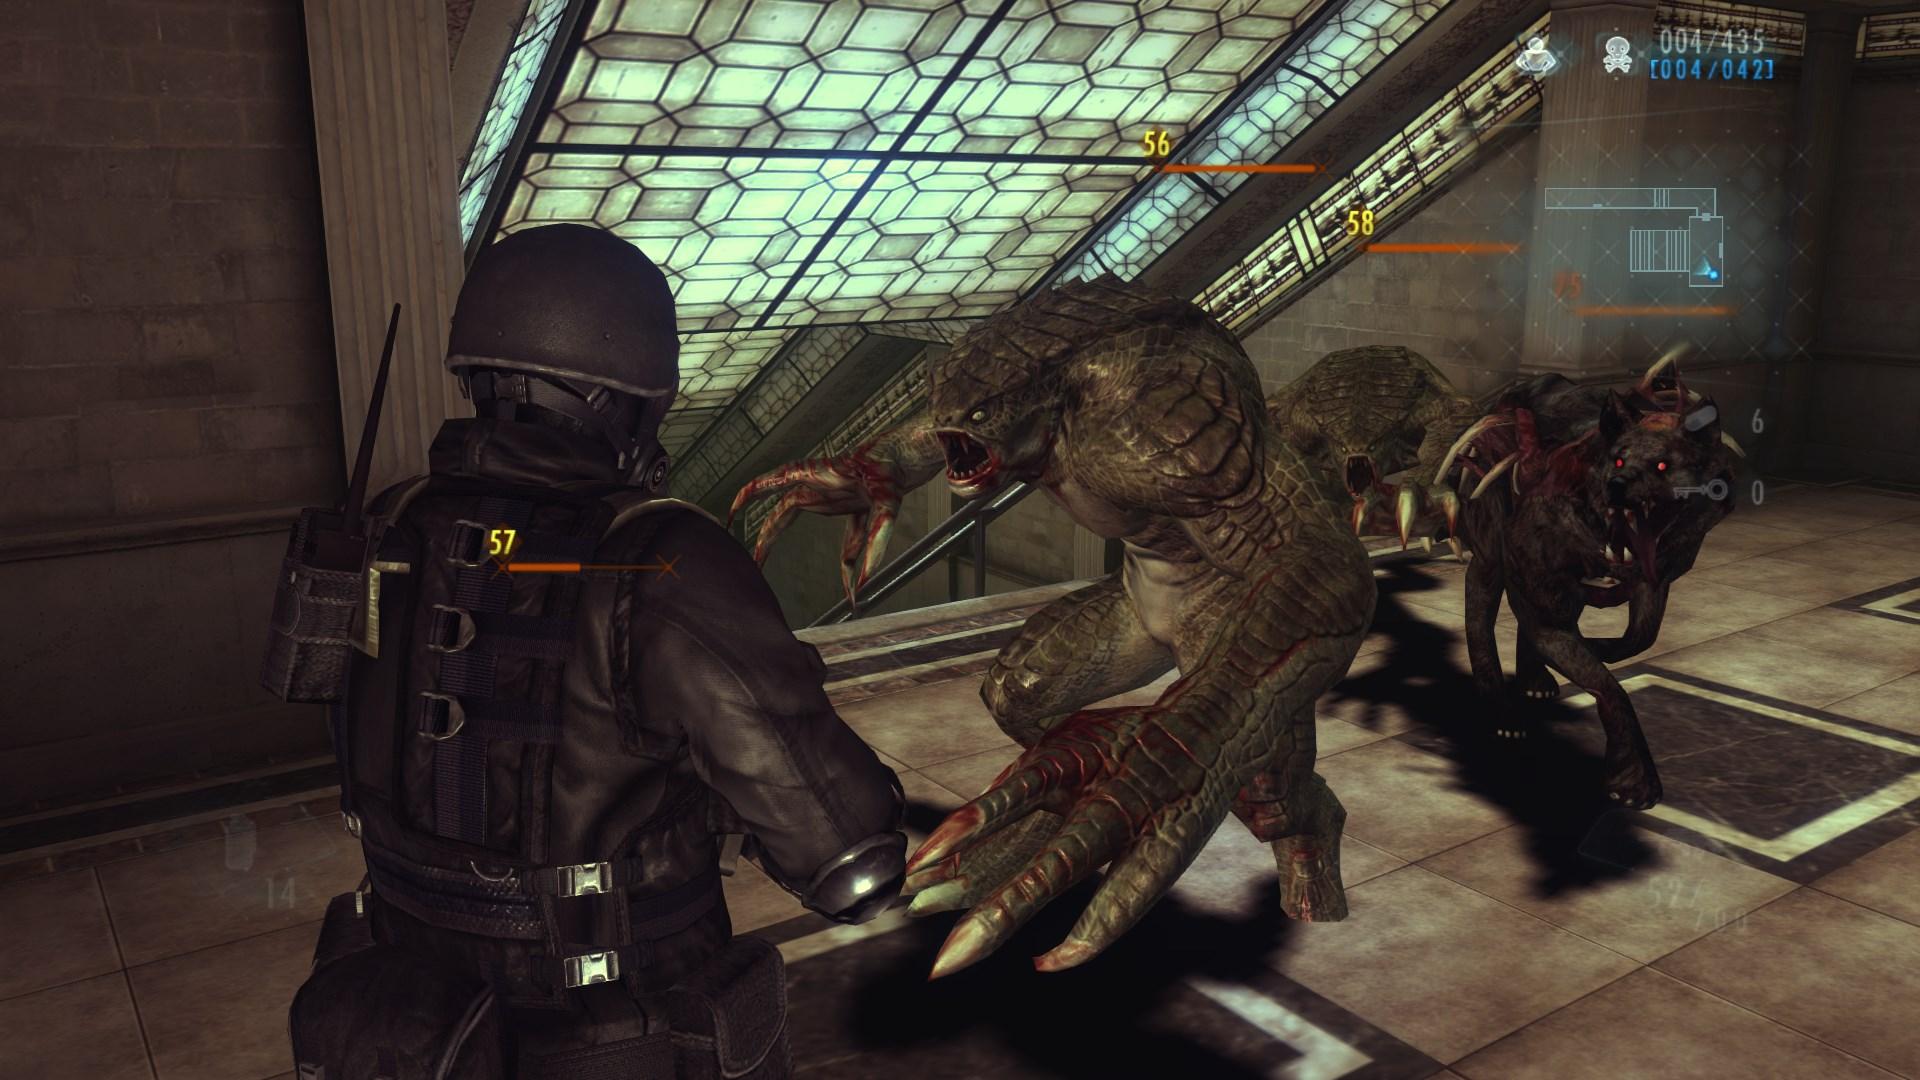 Resident Evil Revelations zombies